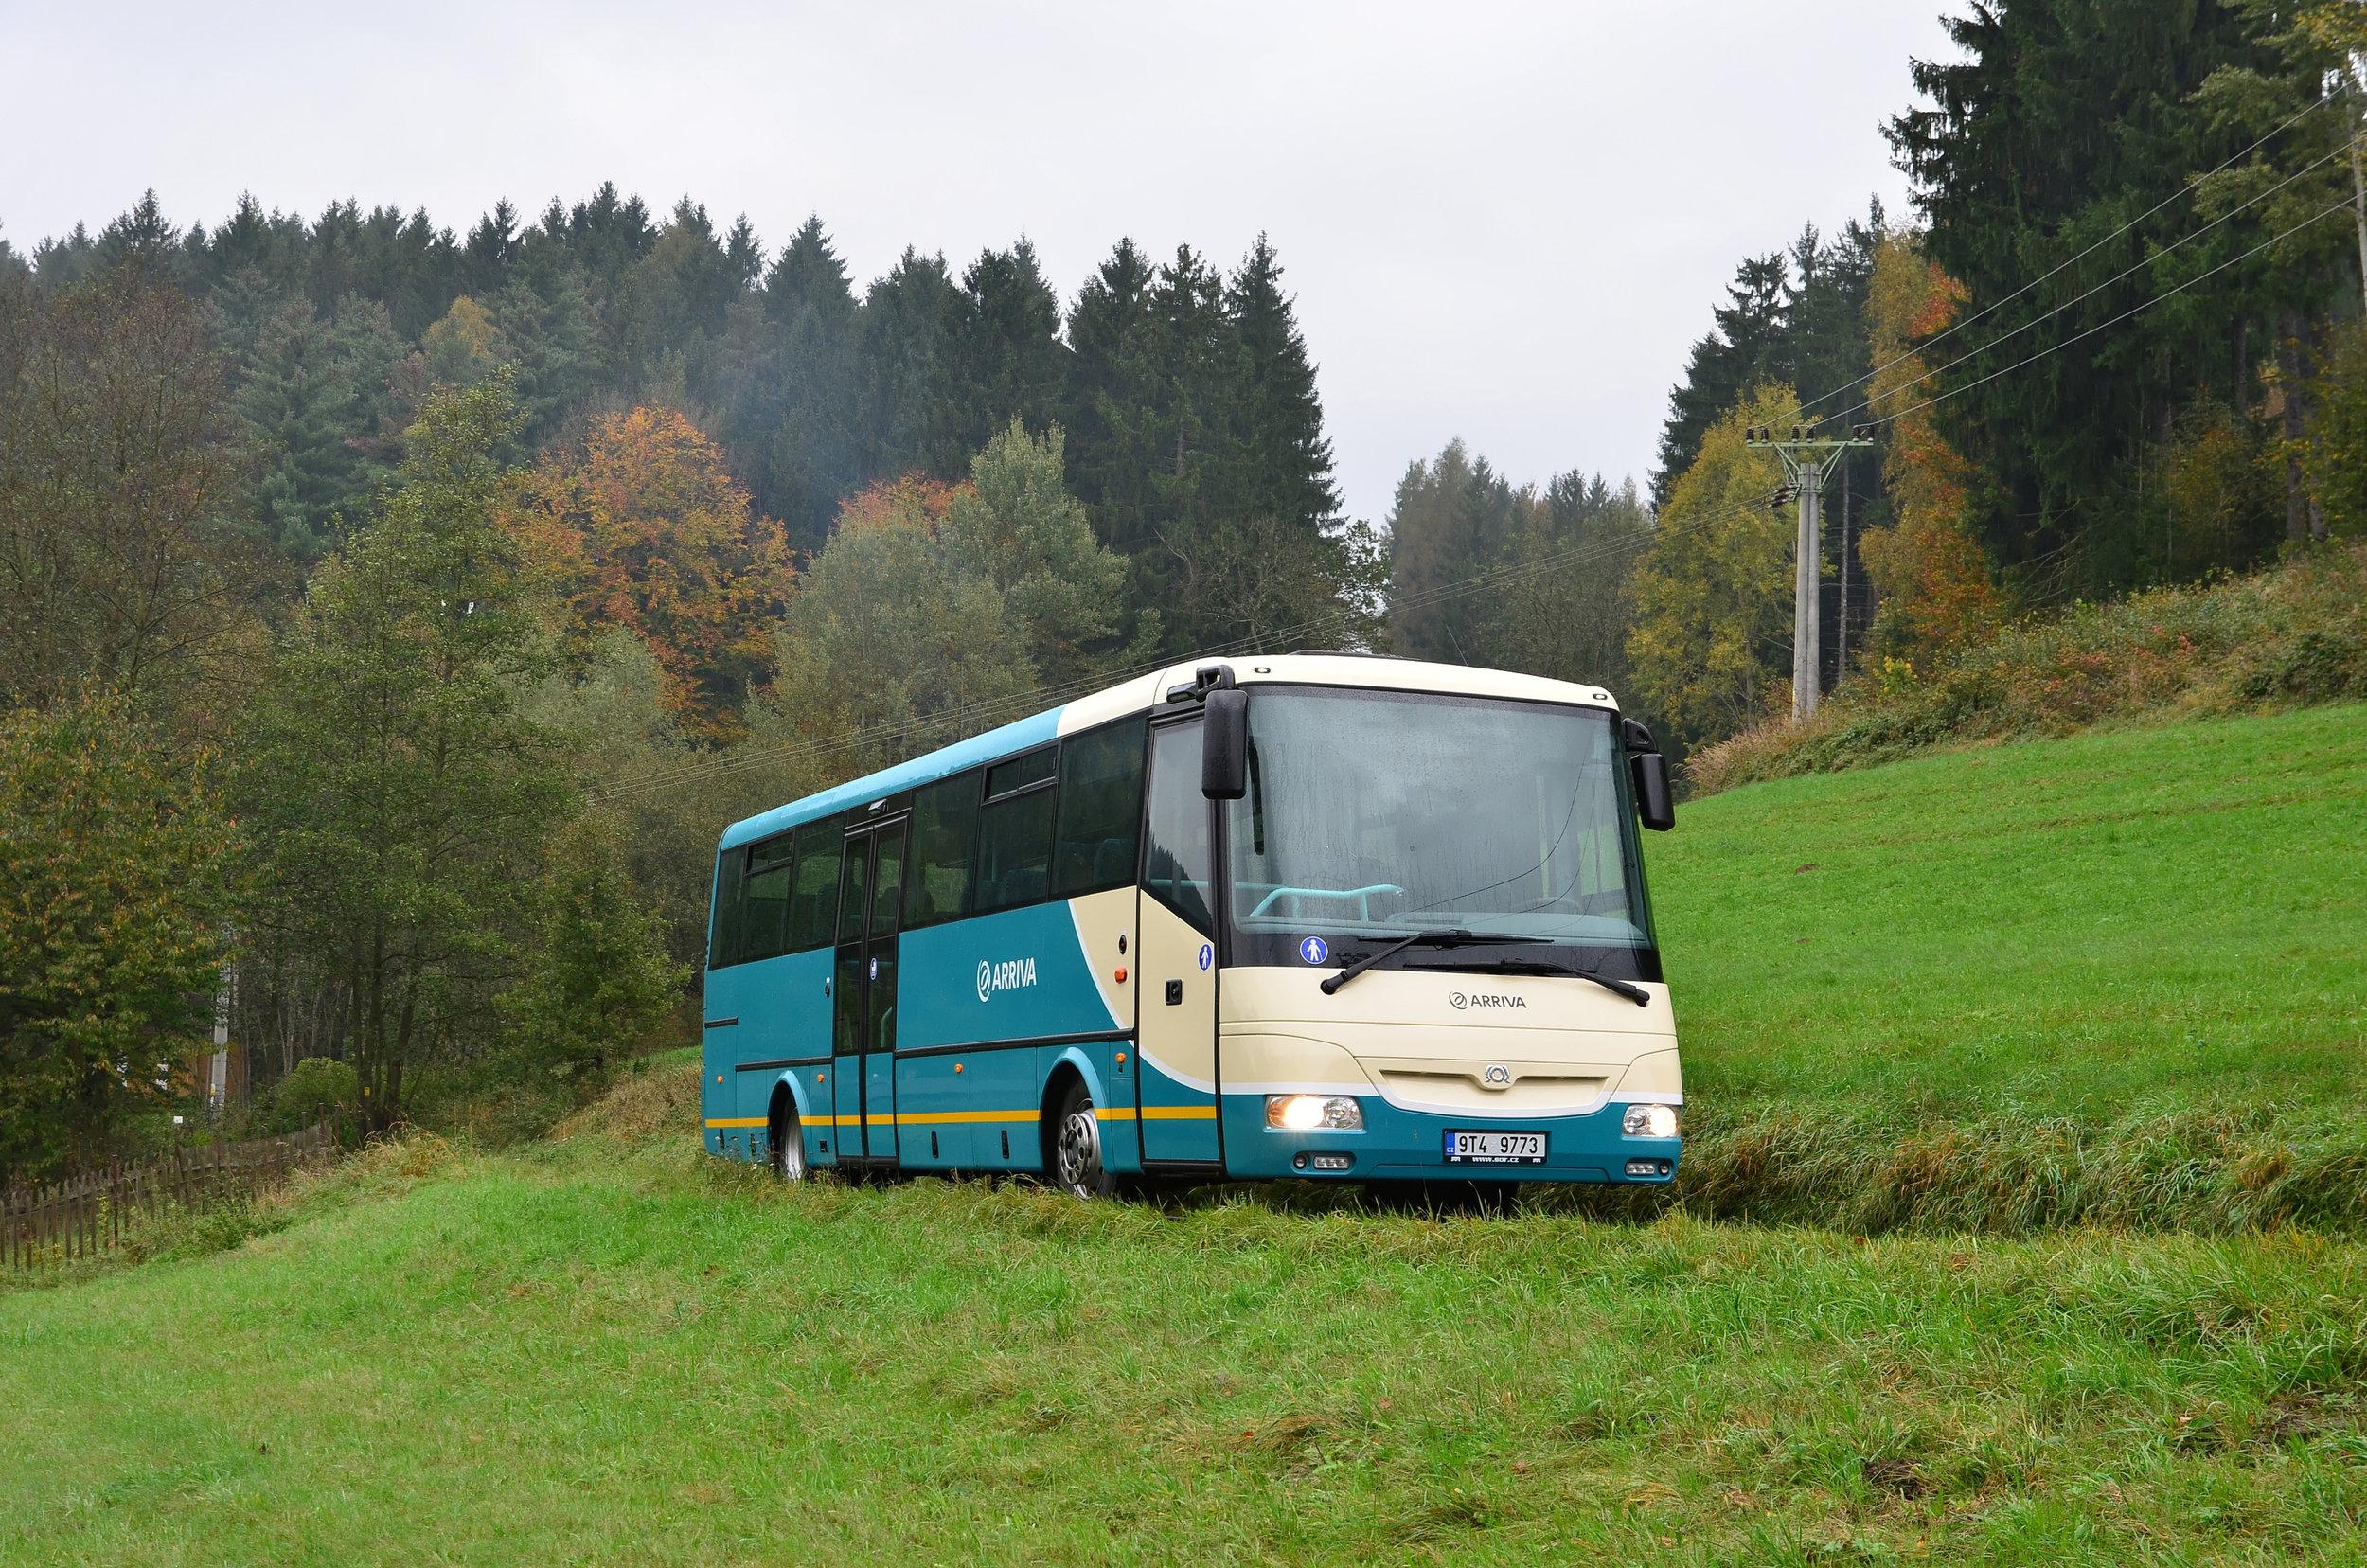 Na některých relacích budou autobusová spojení přímo konkurovat železnici. (foto: Miroslav Halász)